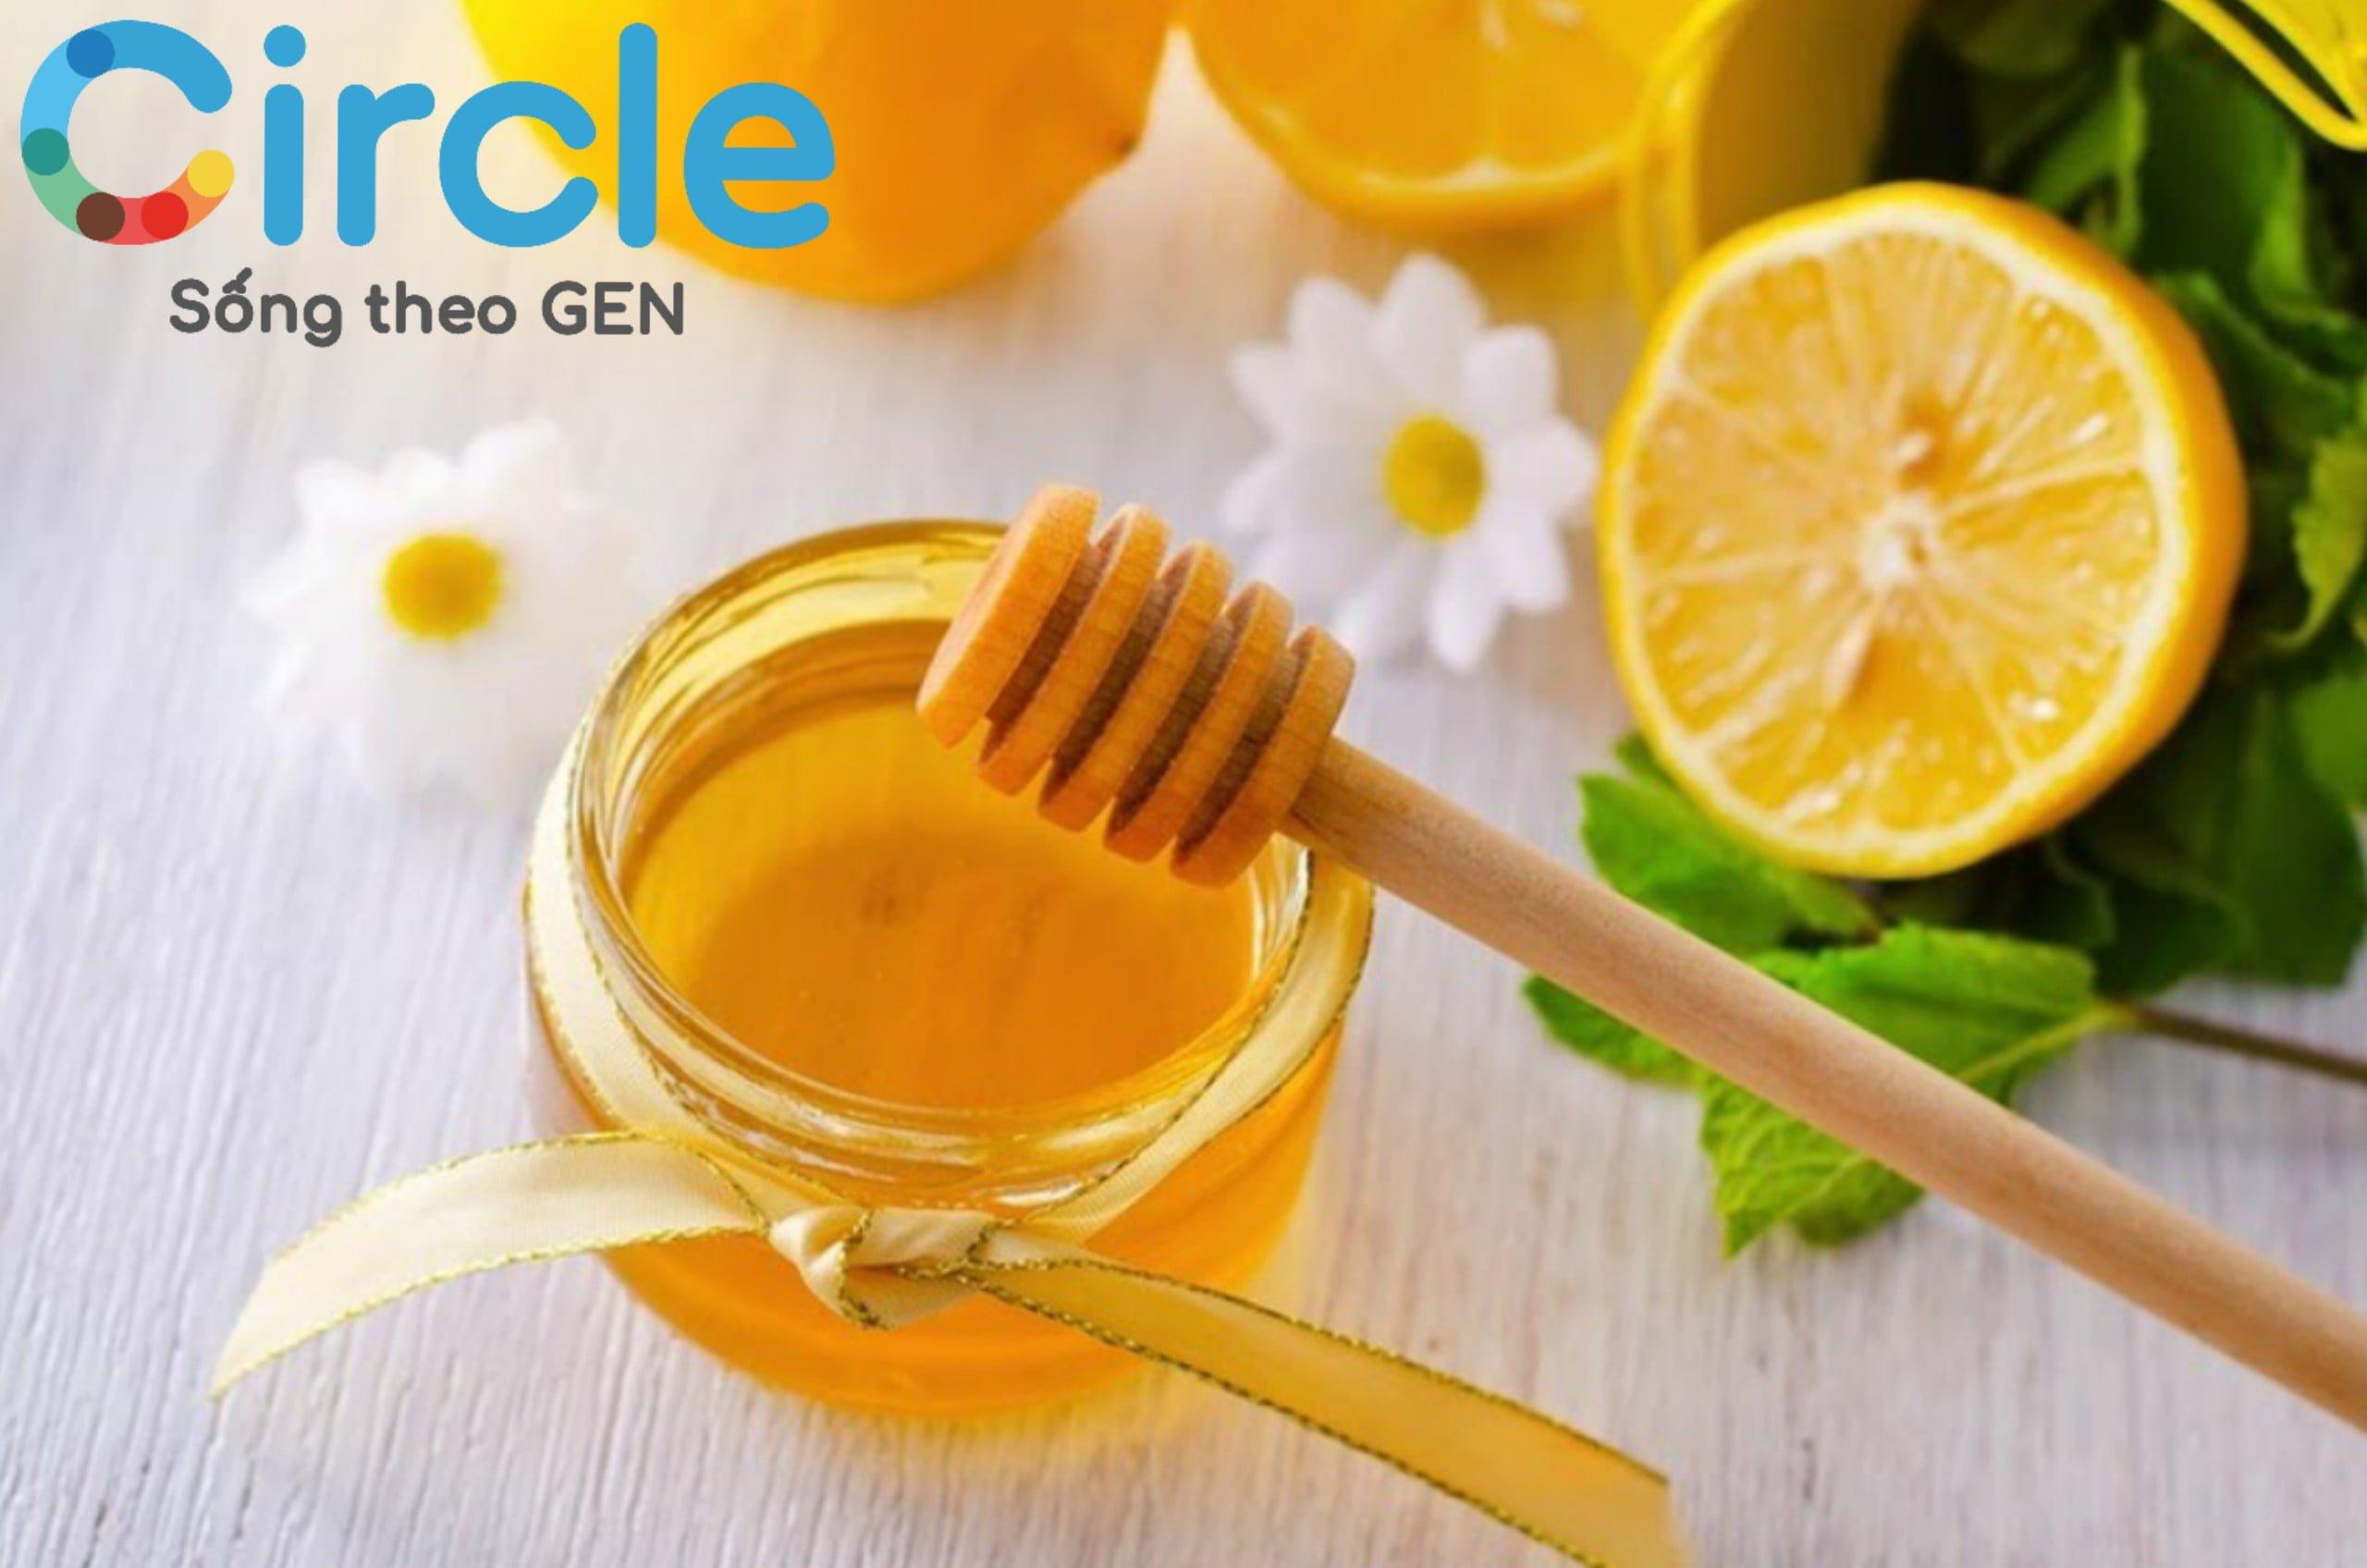 Mật ong là thực phẩm tuyệt vời với nhiều công dụng khác nhau. Tuy nhiên, mật ong lại được khuyến cáo không dành cho trẻ nhỏ (dưới 1 tuổi).